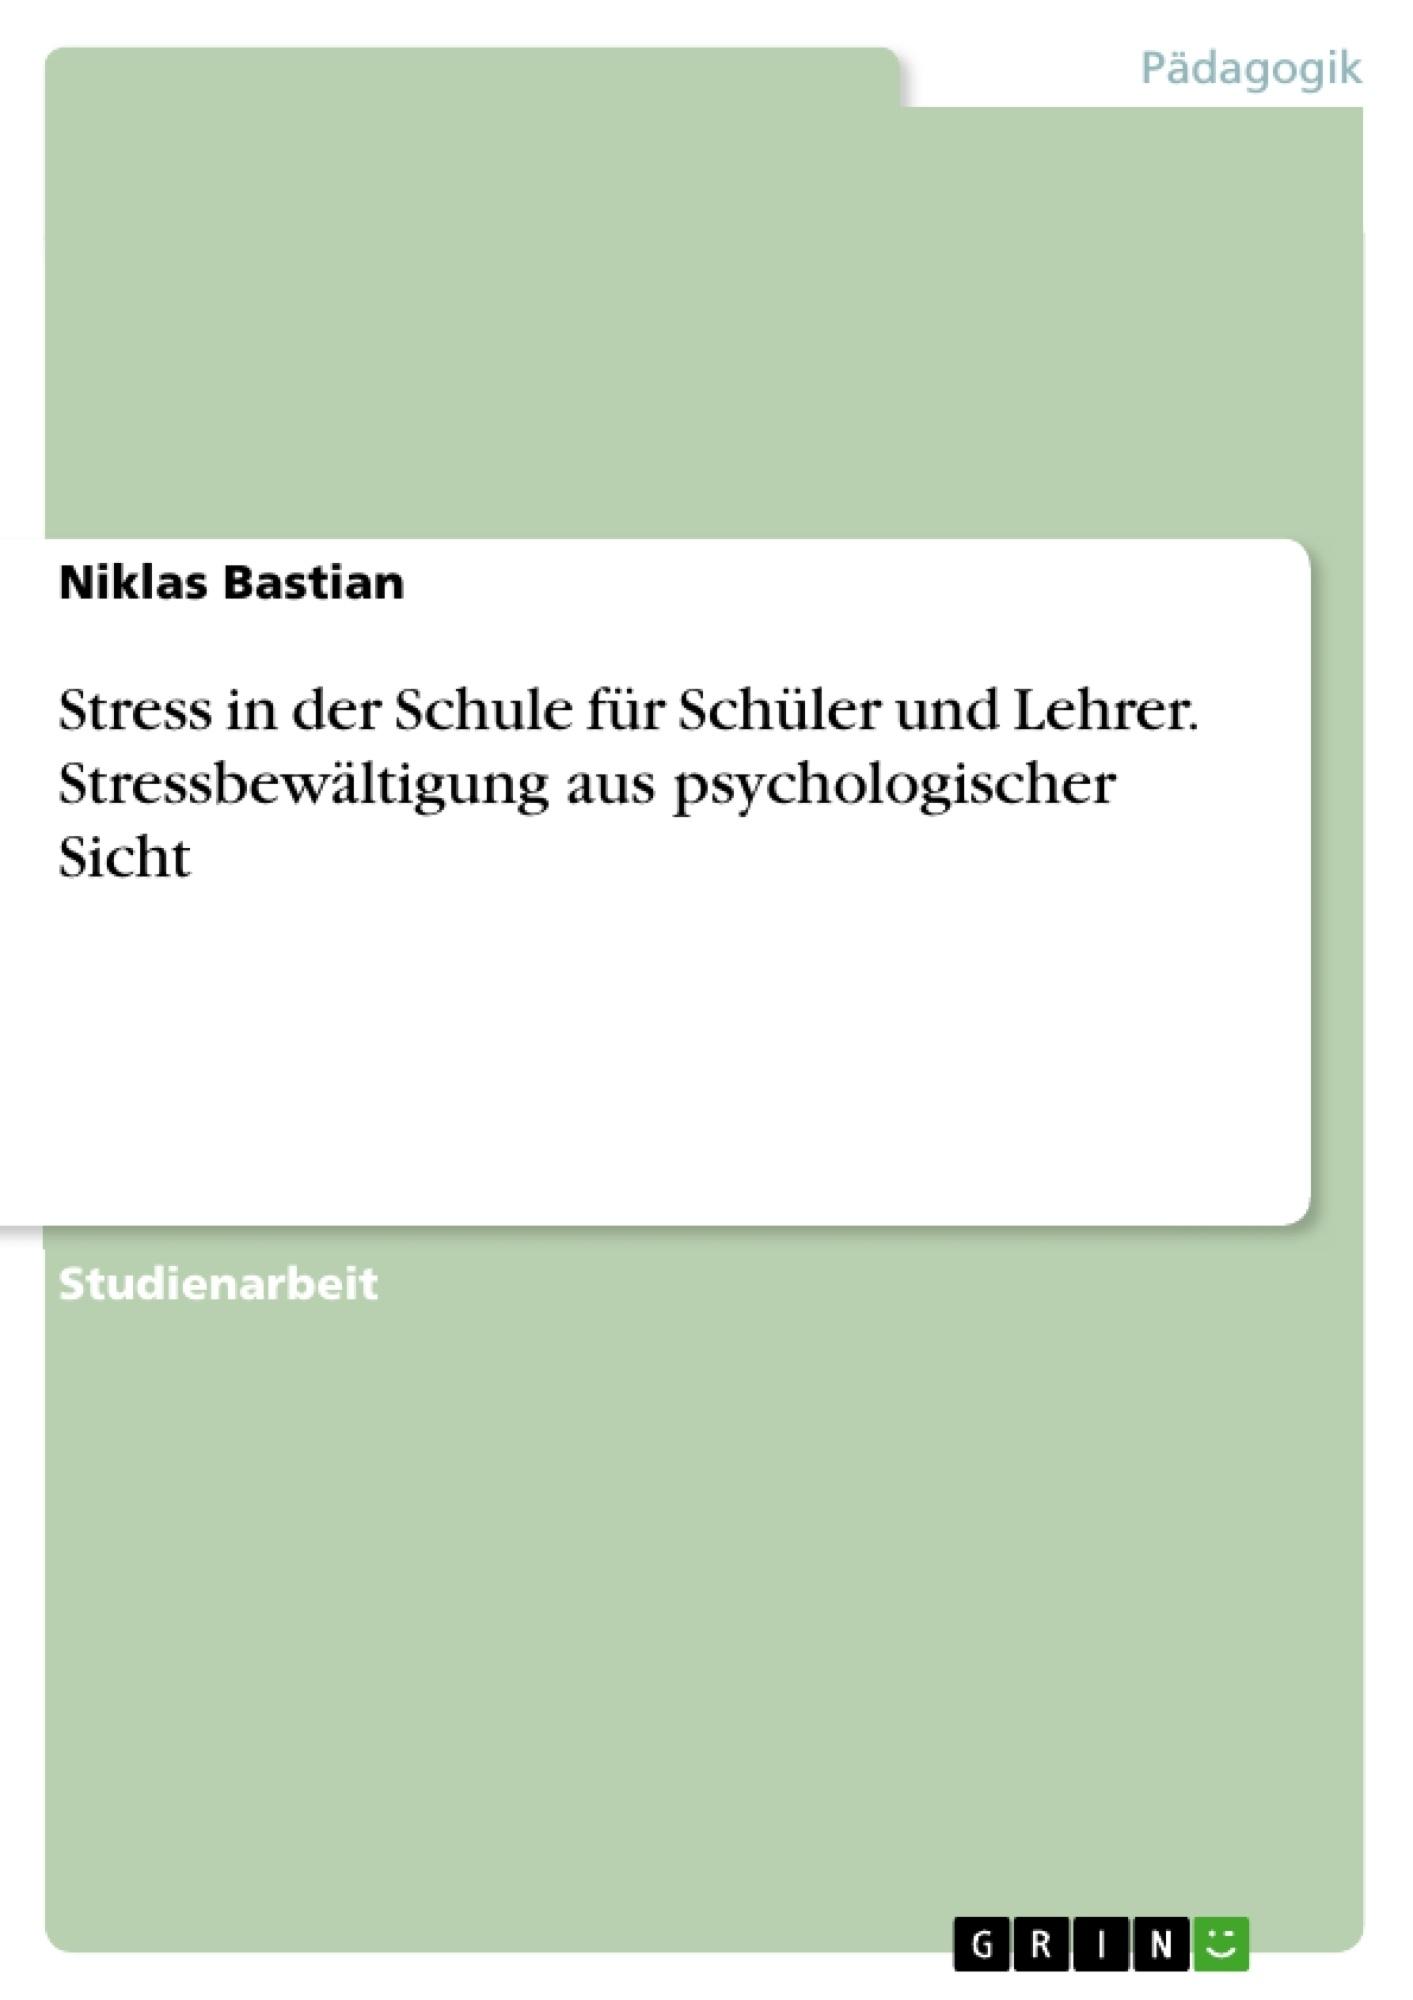 Titel: Stress in der Schule für Schüler und Lehrer. Stressbewältigung aus psychologischer Sicht